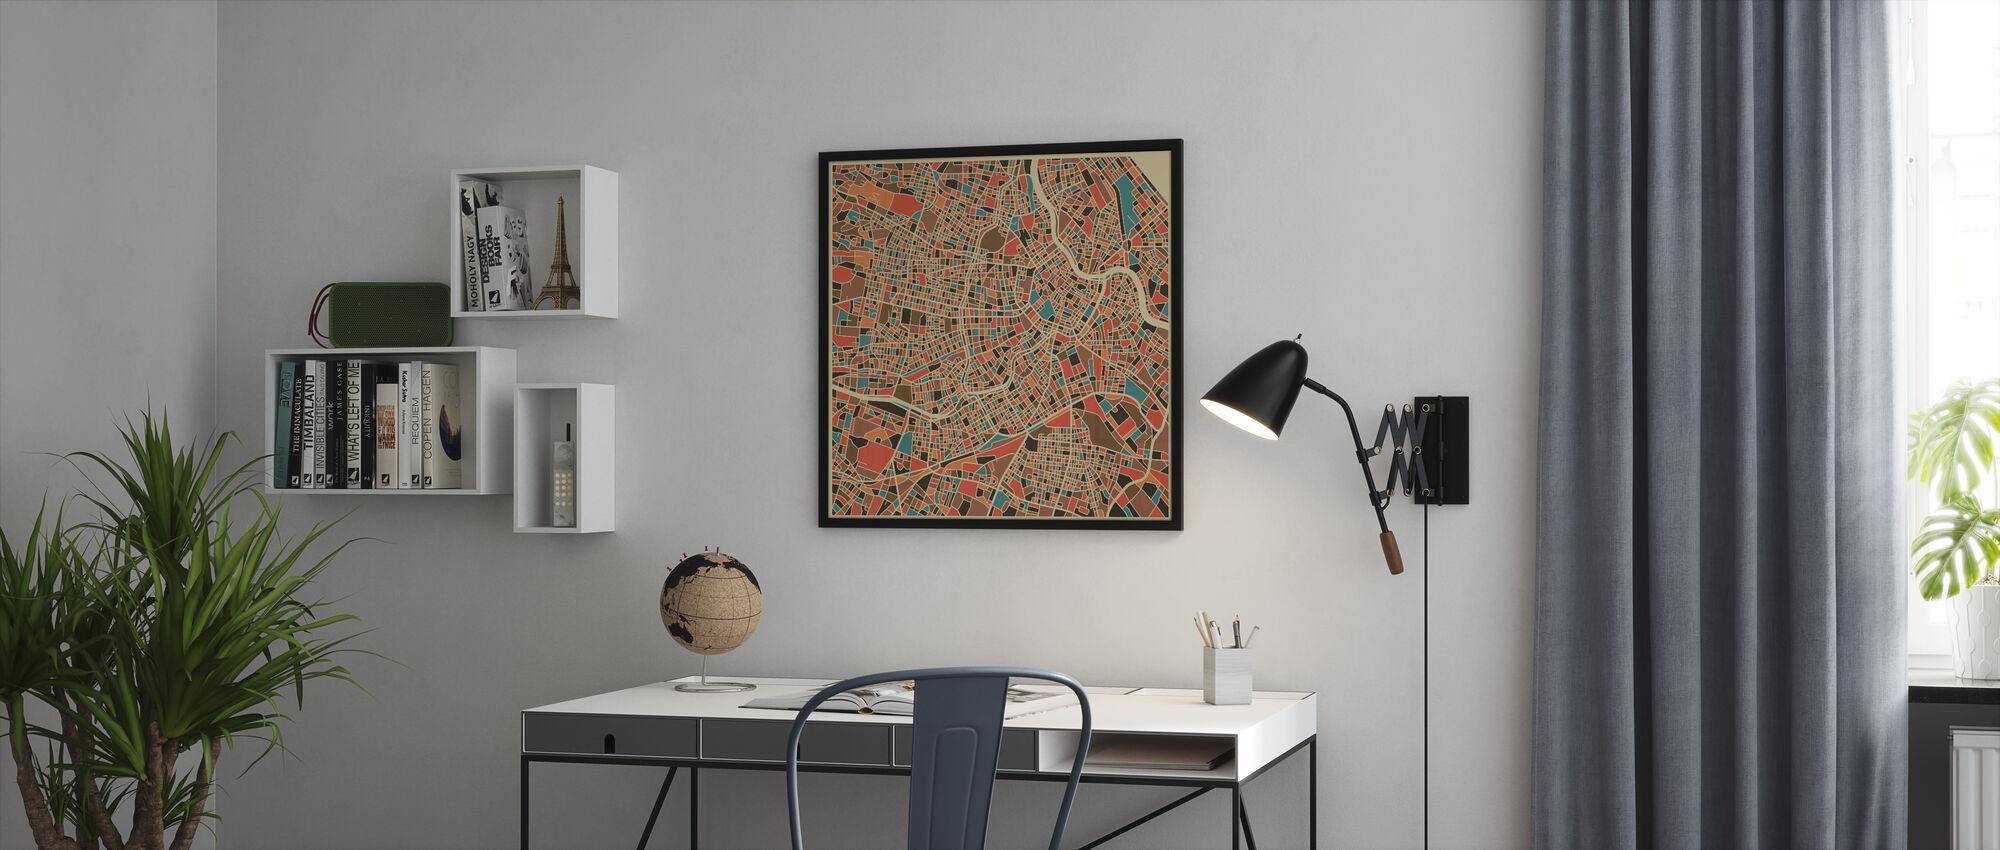 Multicolor Kartta - Wien - Kehystetty kuva - Toimisto